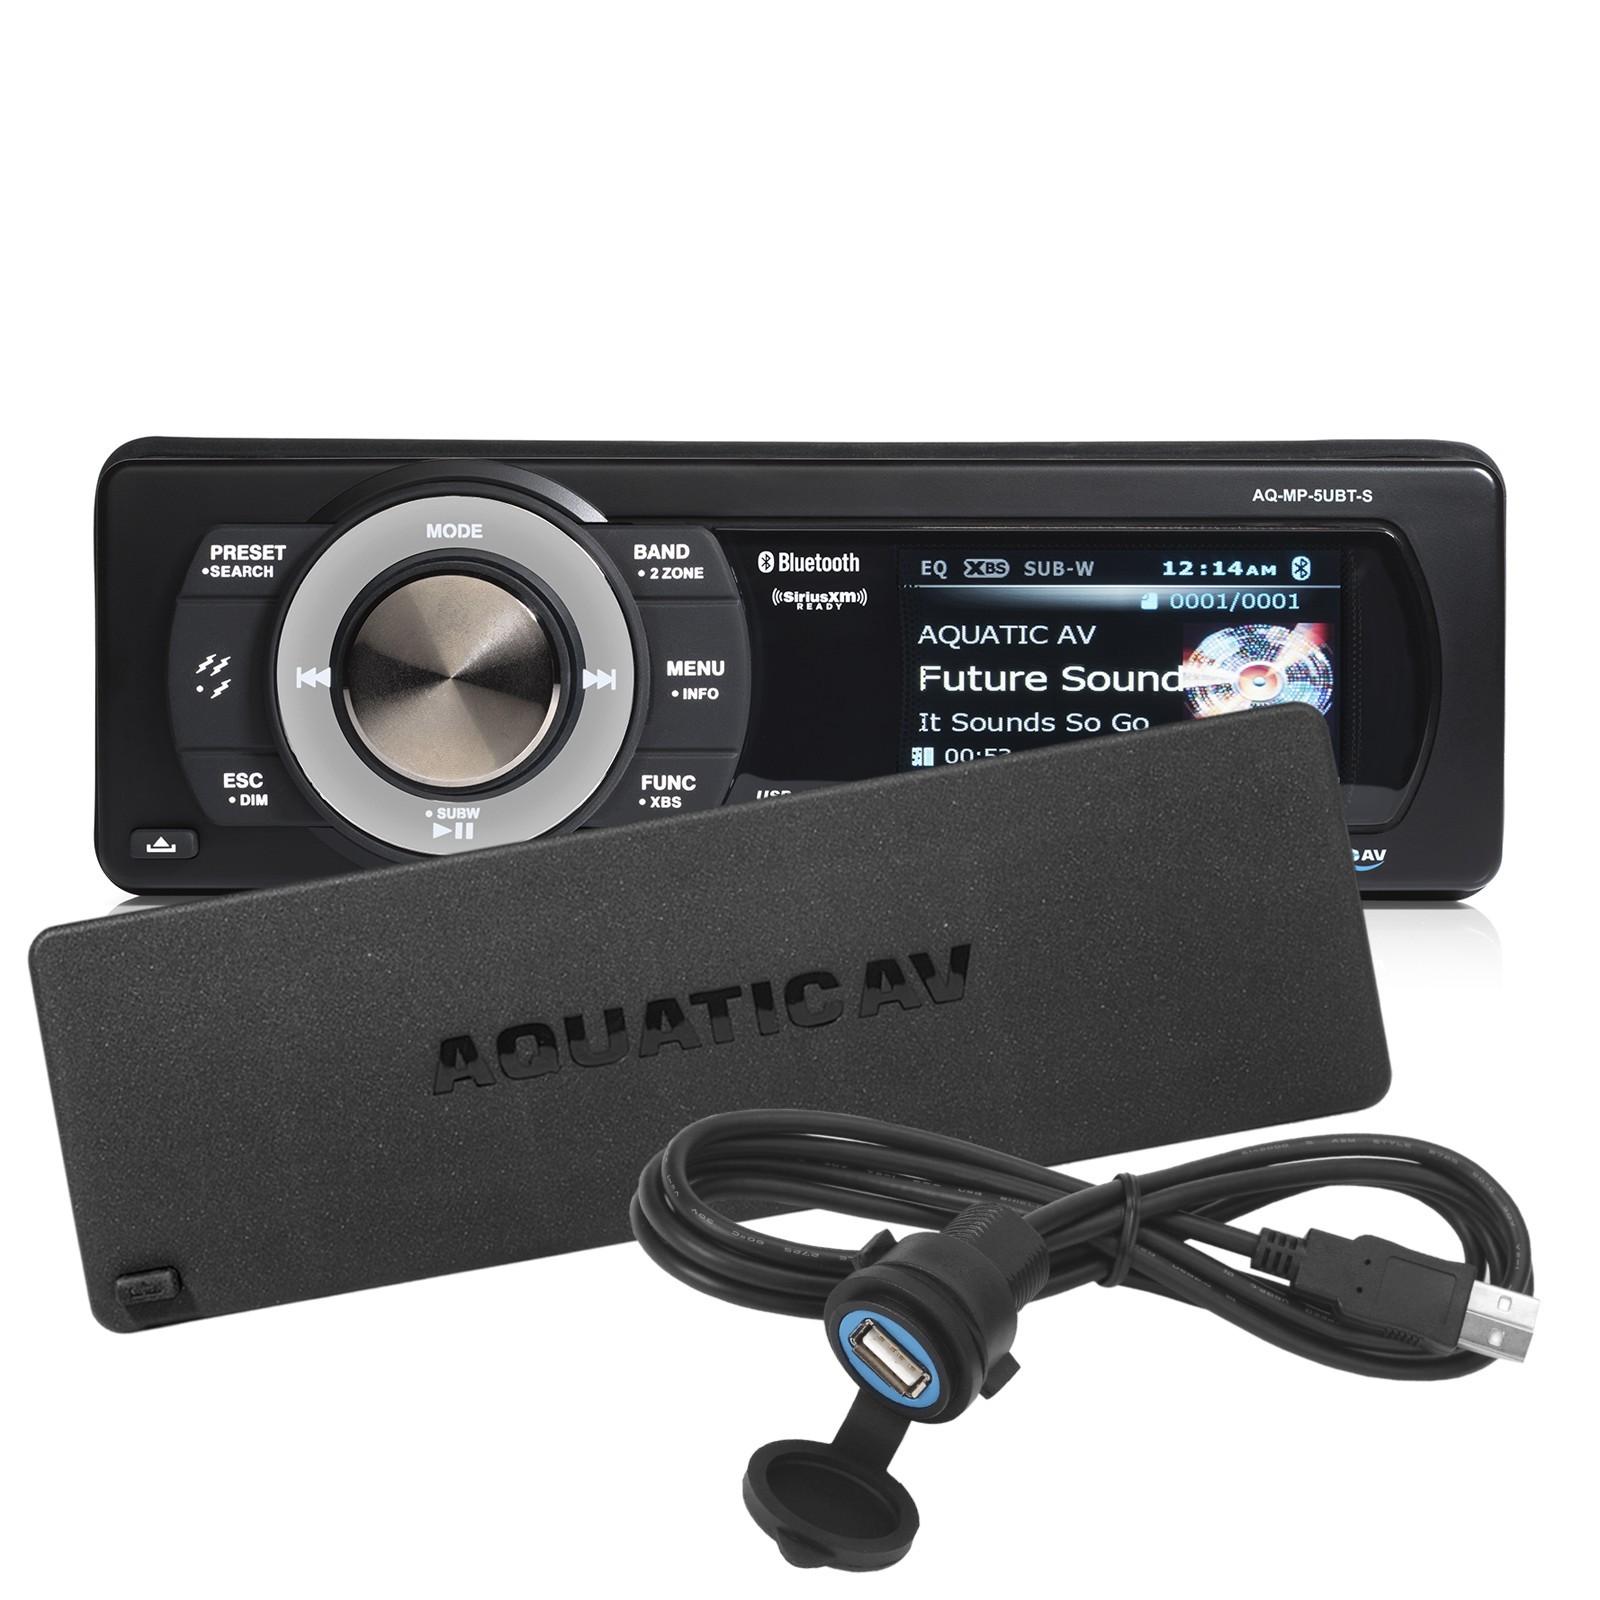 545.83 - Αδιάβροχο Marine Stereo - Bluetooth, Usb, Siriusxm